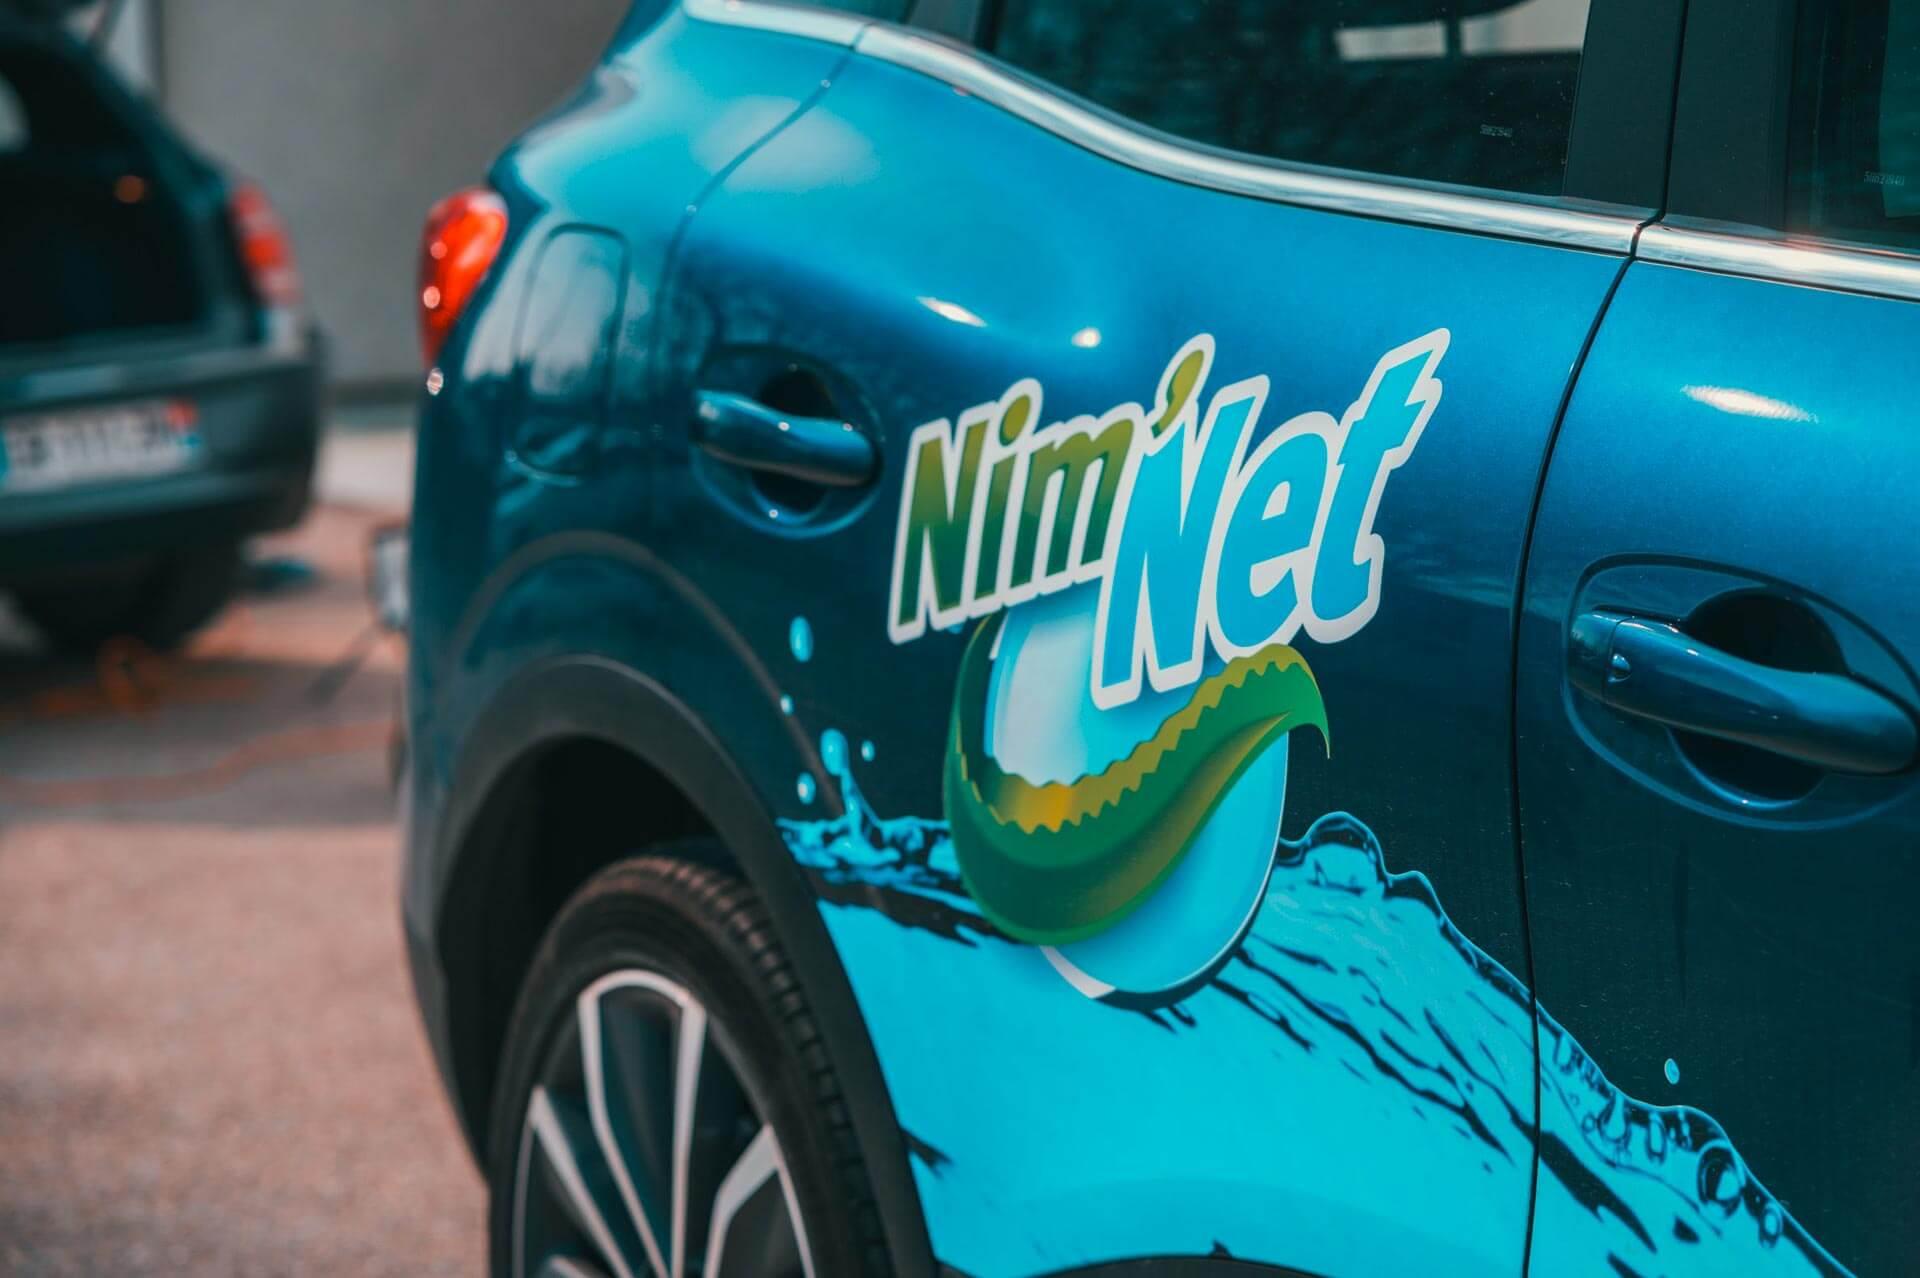 L'aspiration complète du véhicule - Nettoyage de véhicules professionnels et utilitaires